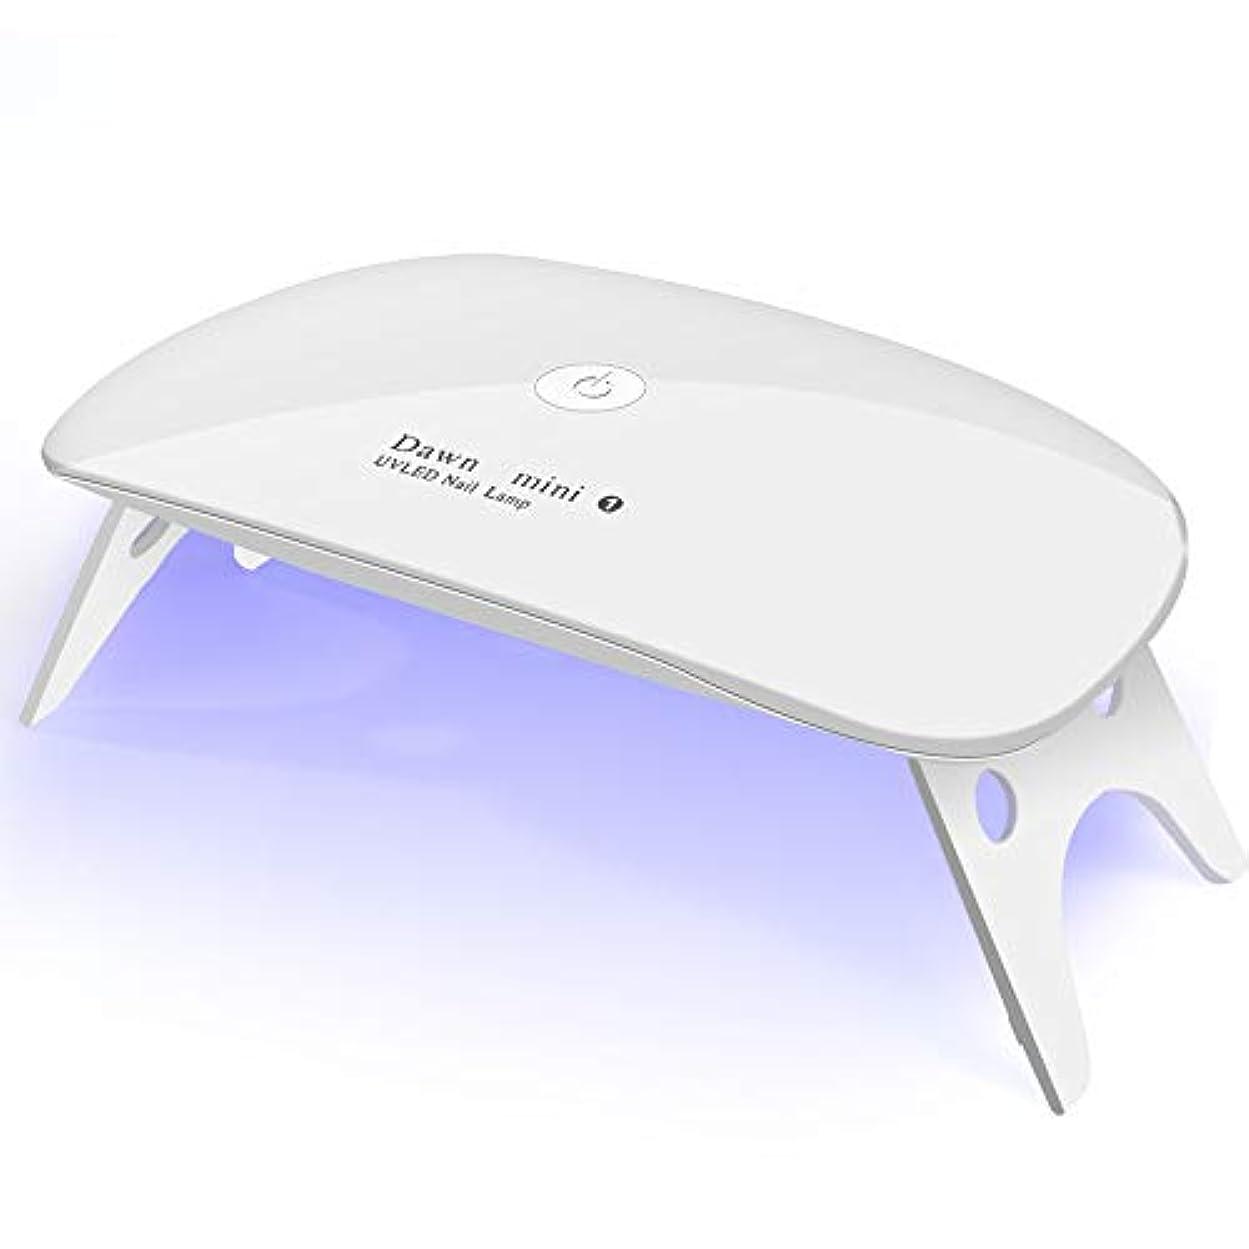 朝ごはんバケット起こるUVライト LEDネイルドライヤー ジェルネイルLEDライト 硬化ライト タイマー設定可能 折りたたみ式手足とも使える 人感センサー式 UV と LEDダブルライト ジェルネイル用 (ホワイト )